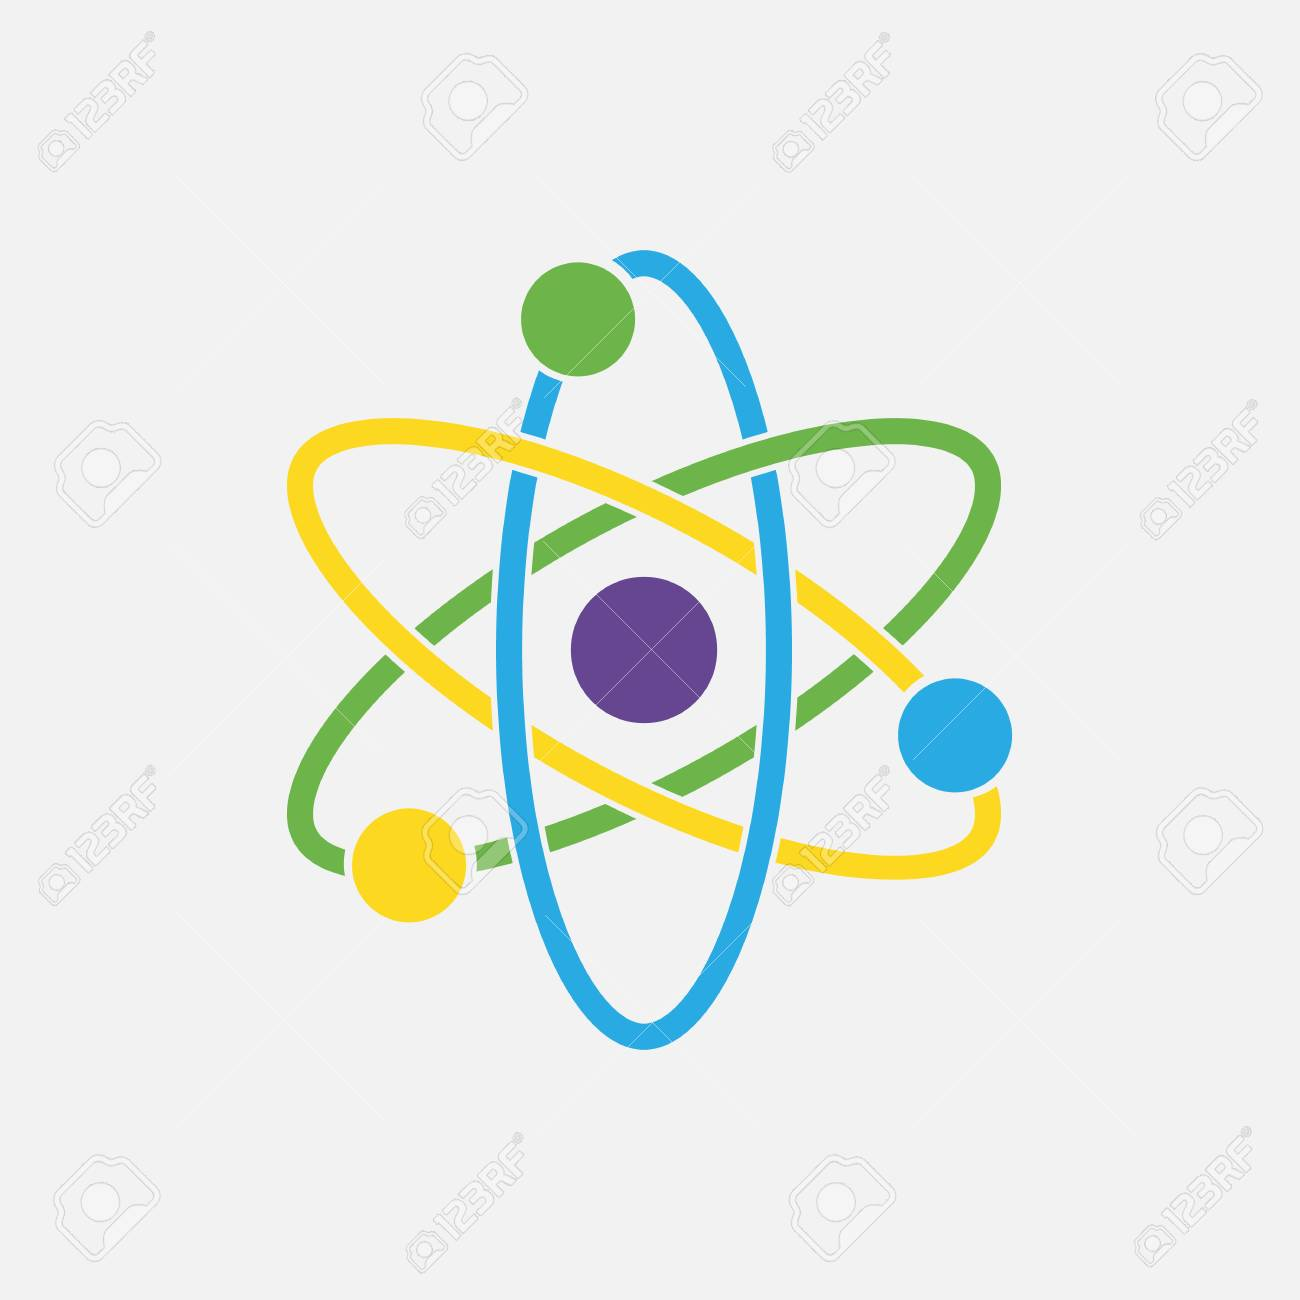 Icono De átomo Icono Nuclear Electrones Y Protones Signo De La Ciencia Icono De La Molécula Aislado Sobre Fondo Gris